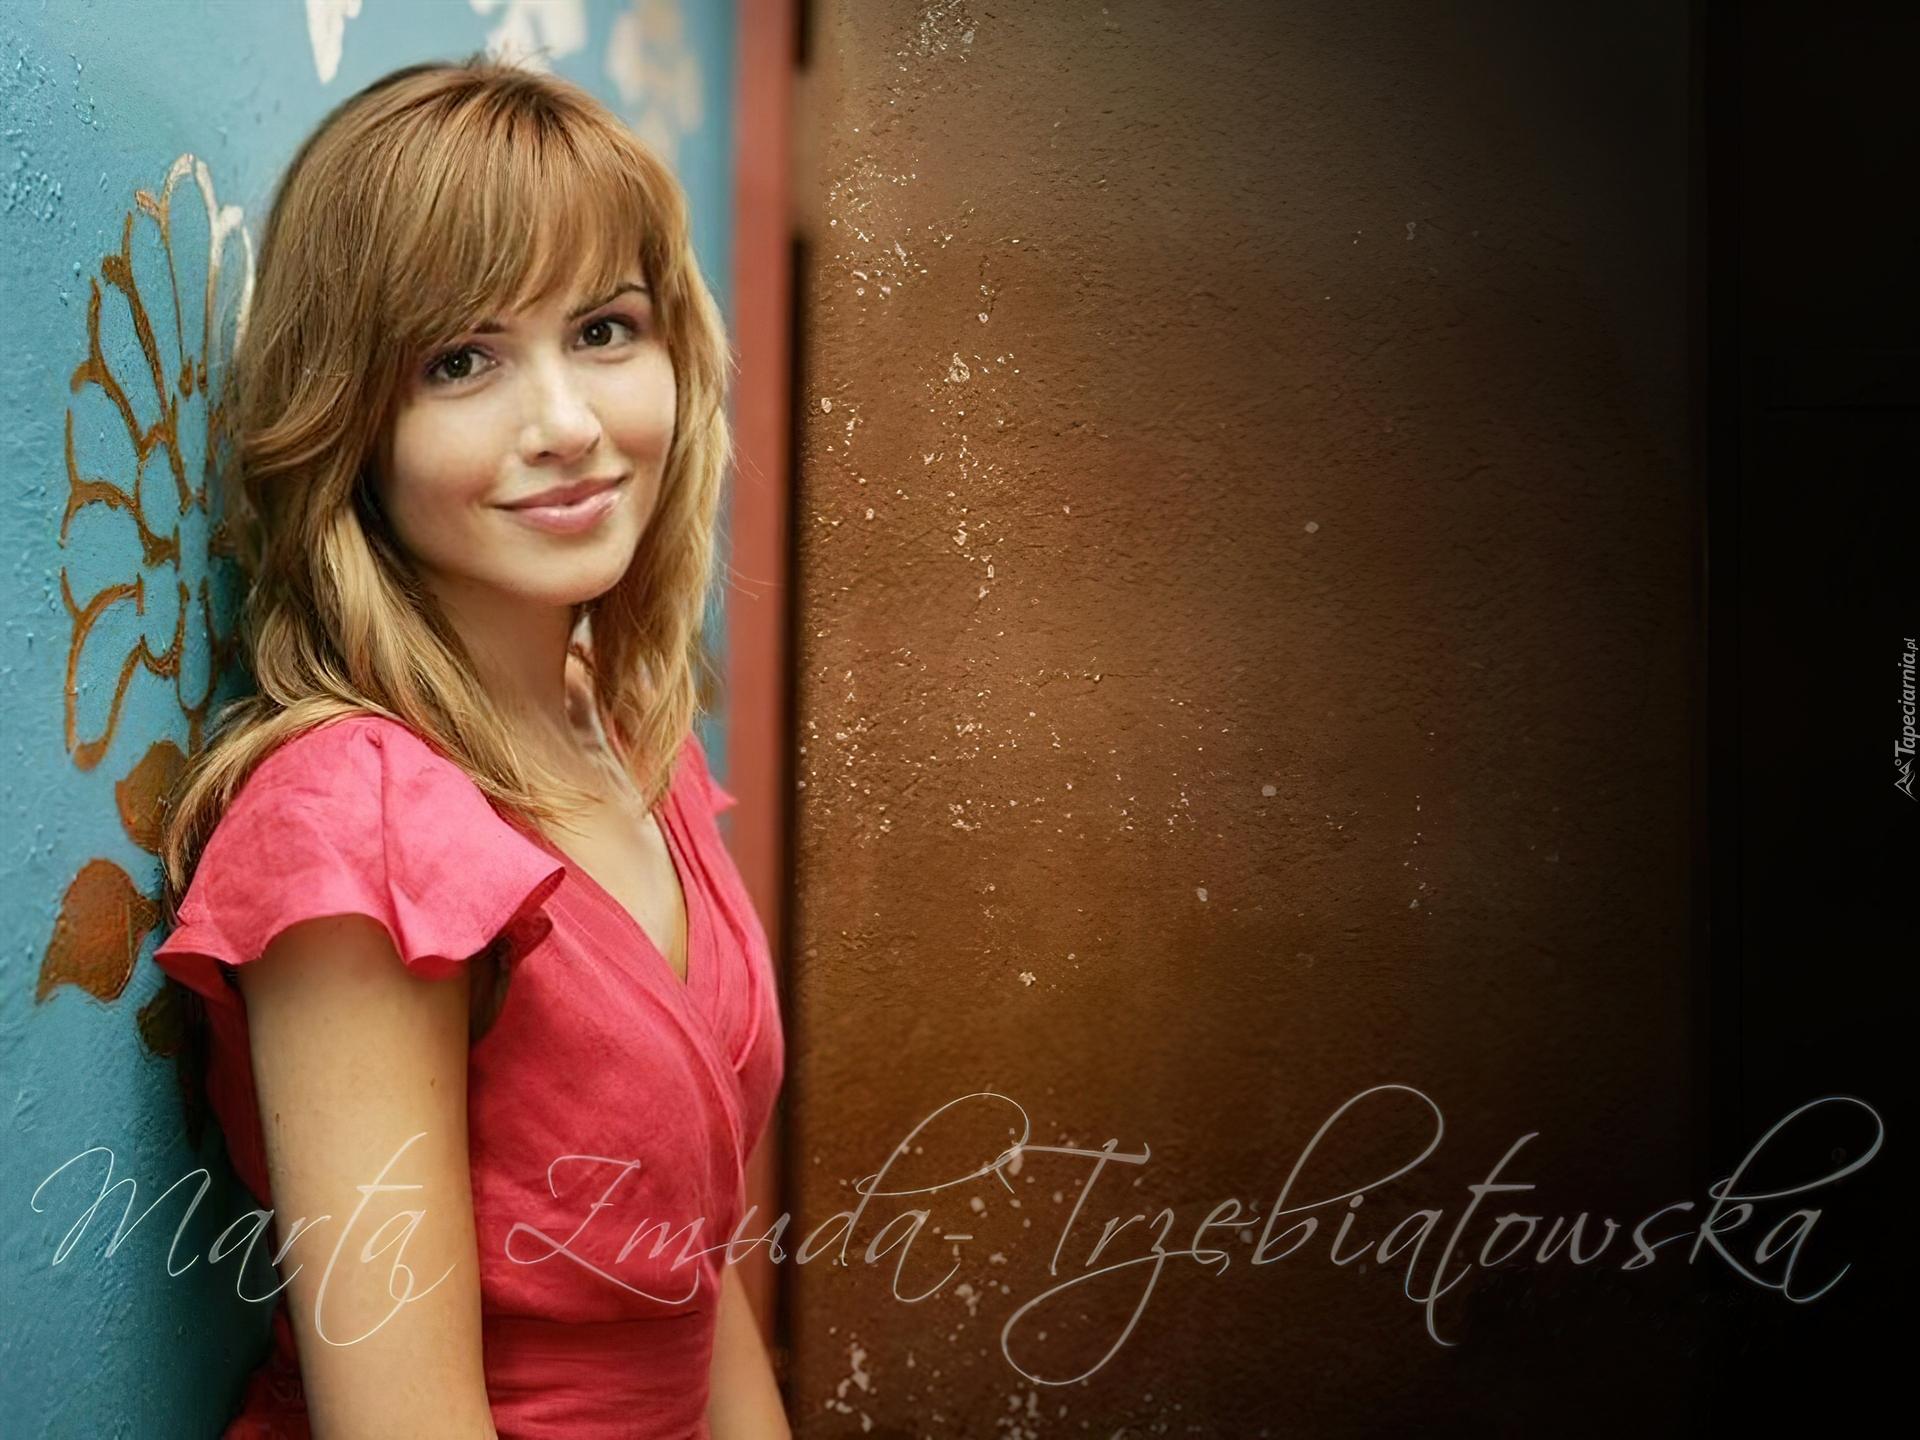 51768_marta_zmuda_trzebiatowska_portret.jpg